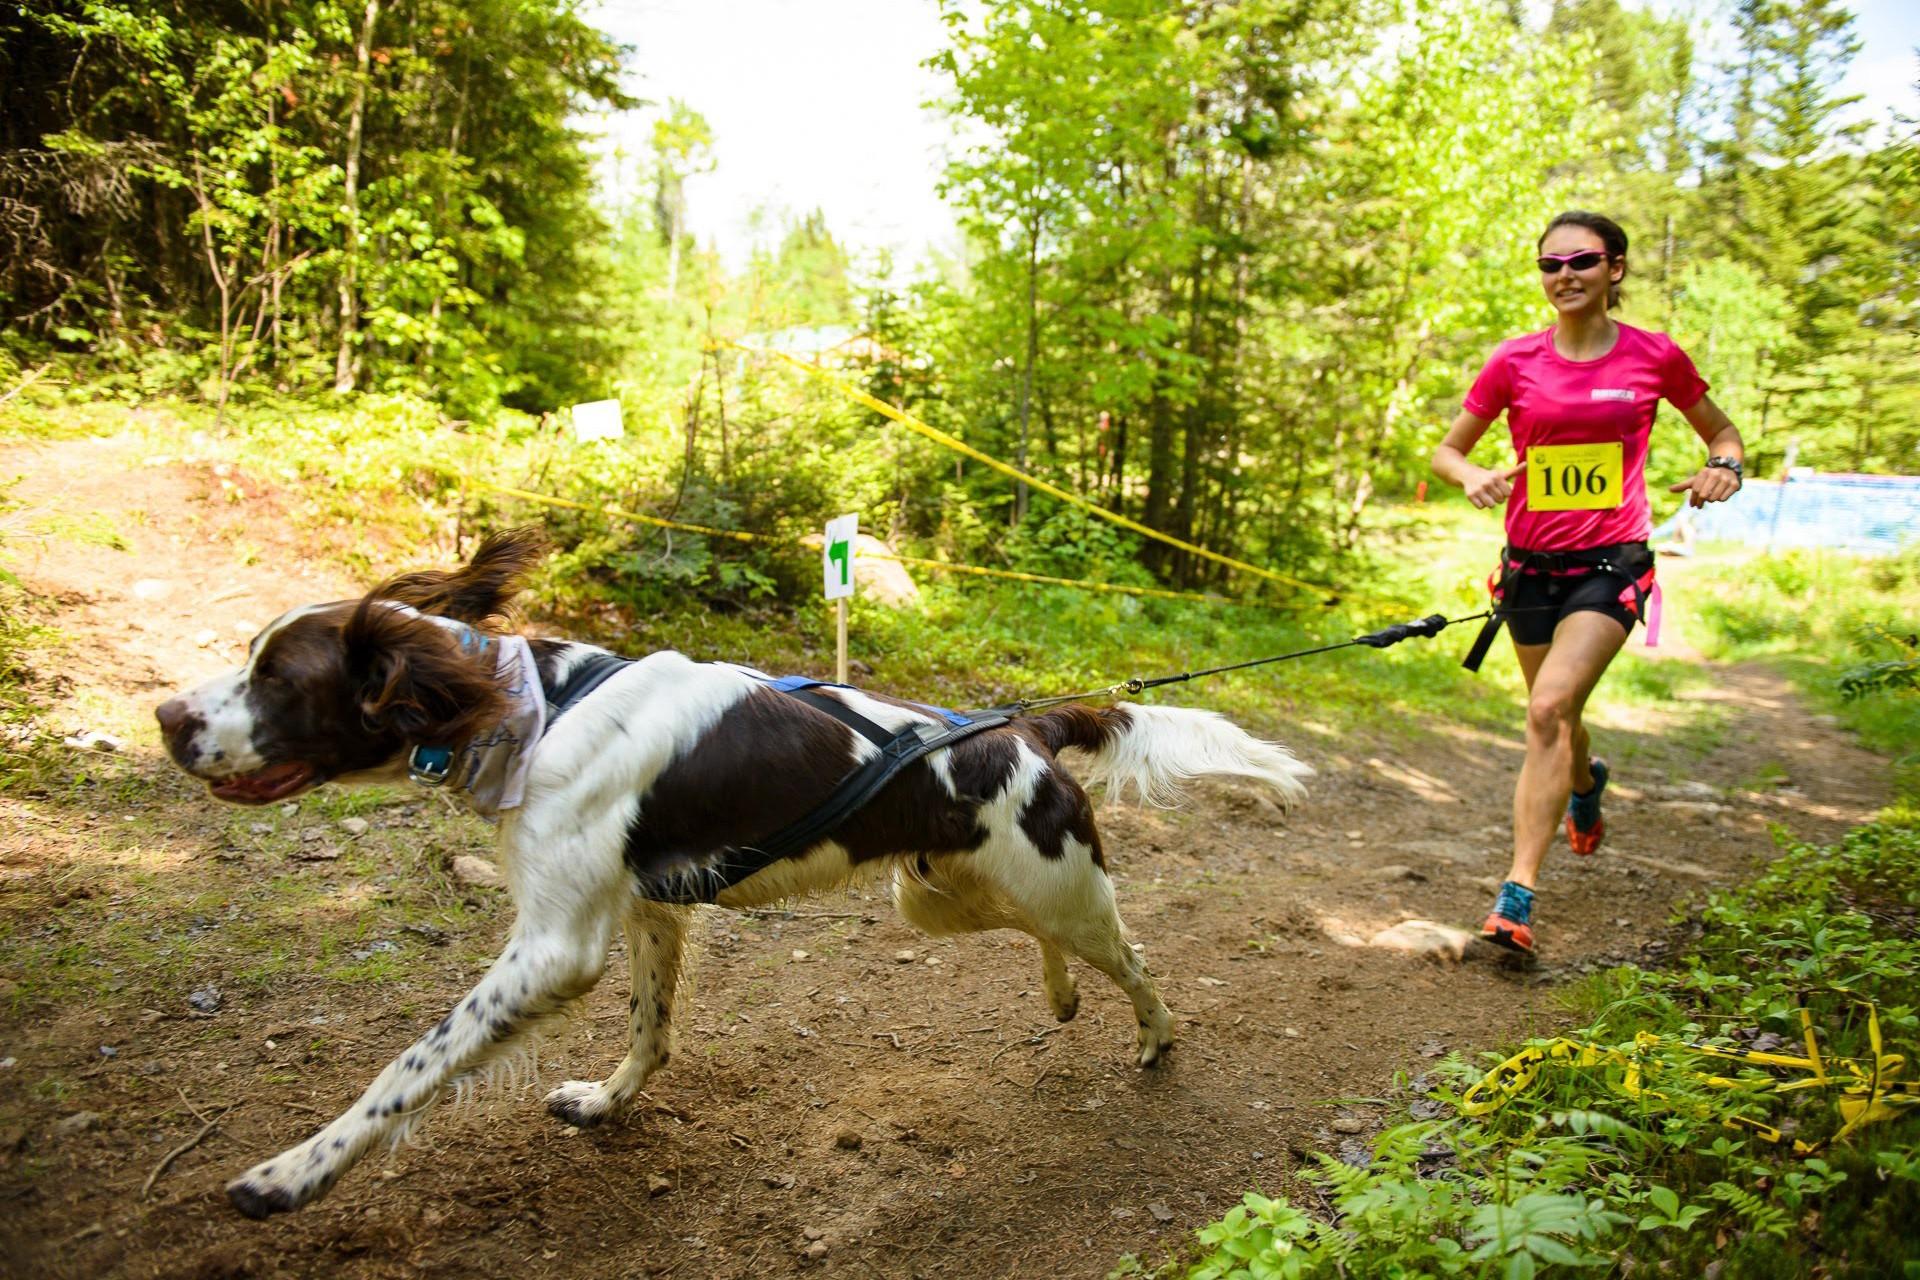 Каникросс: техника спортивного бега с собакой и секреты обучения